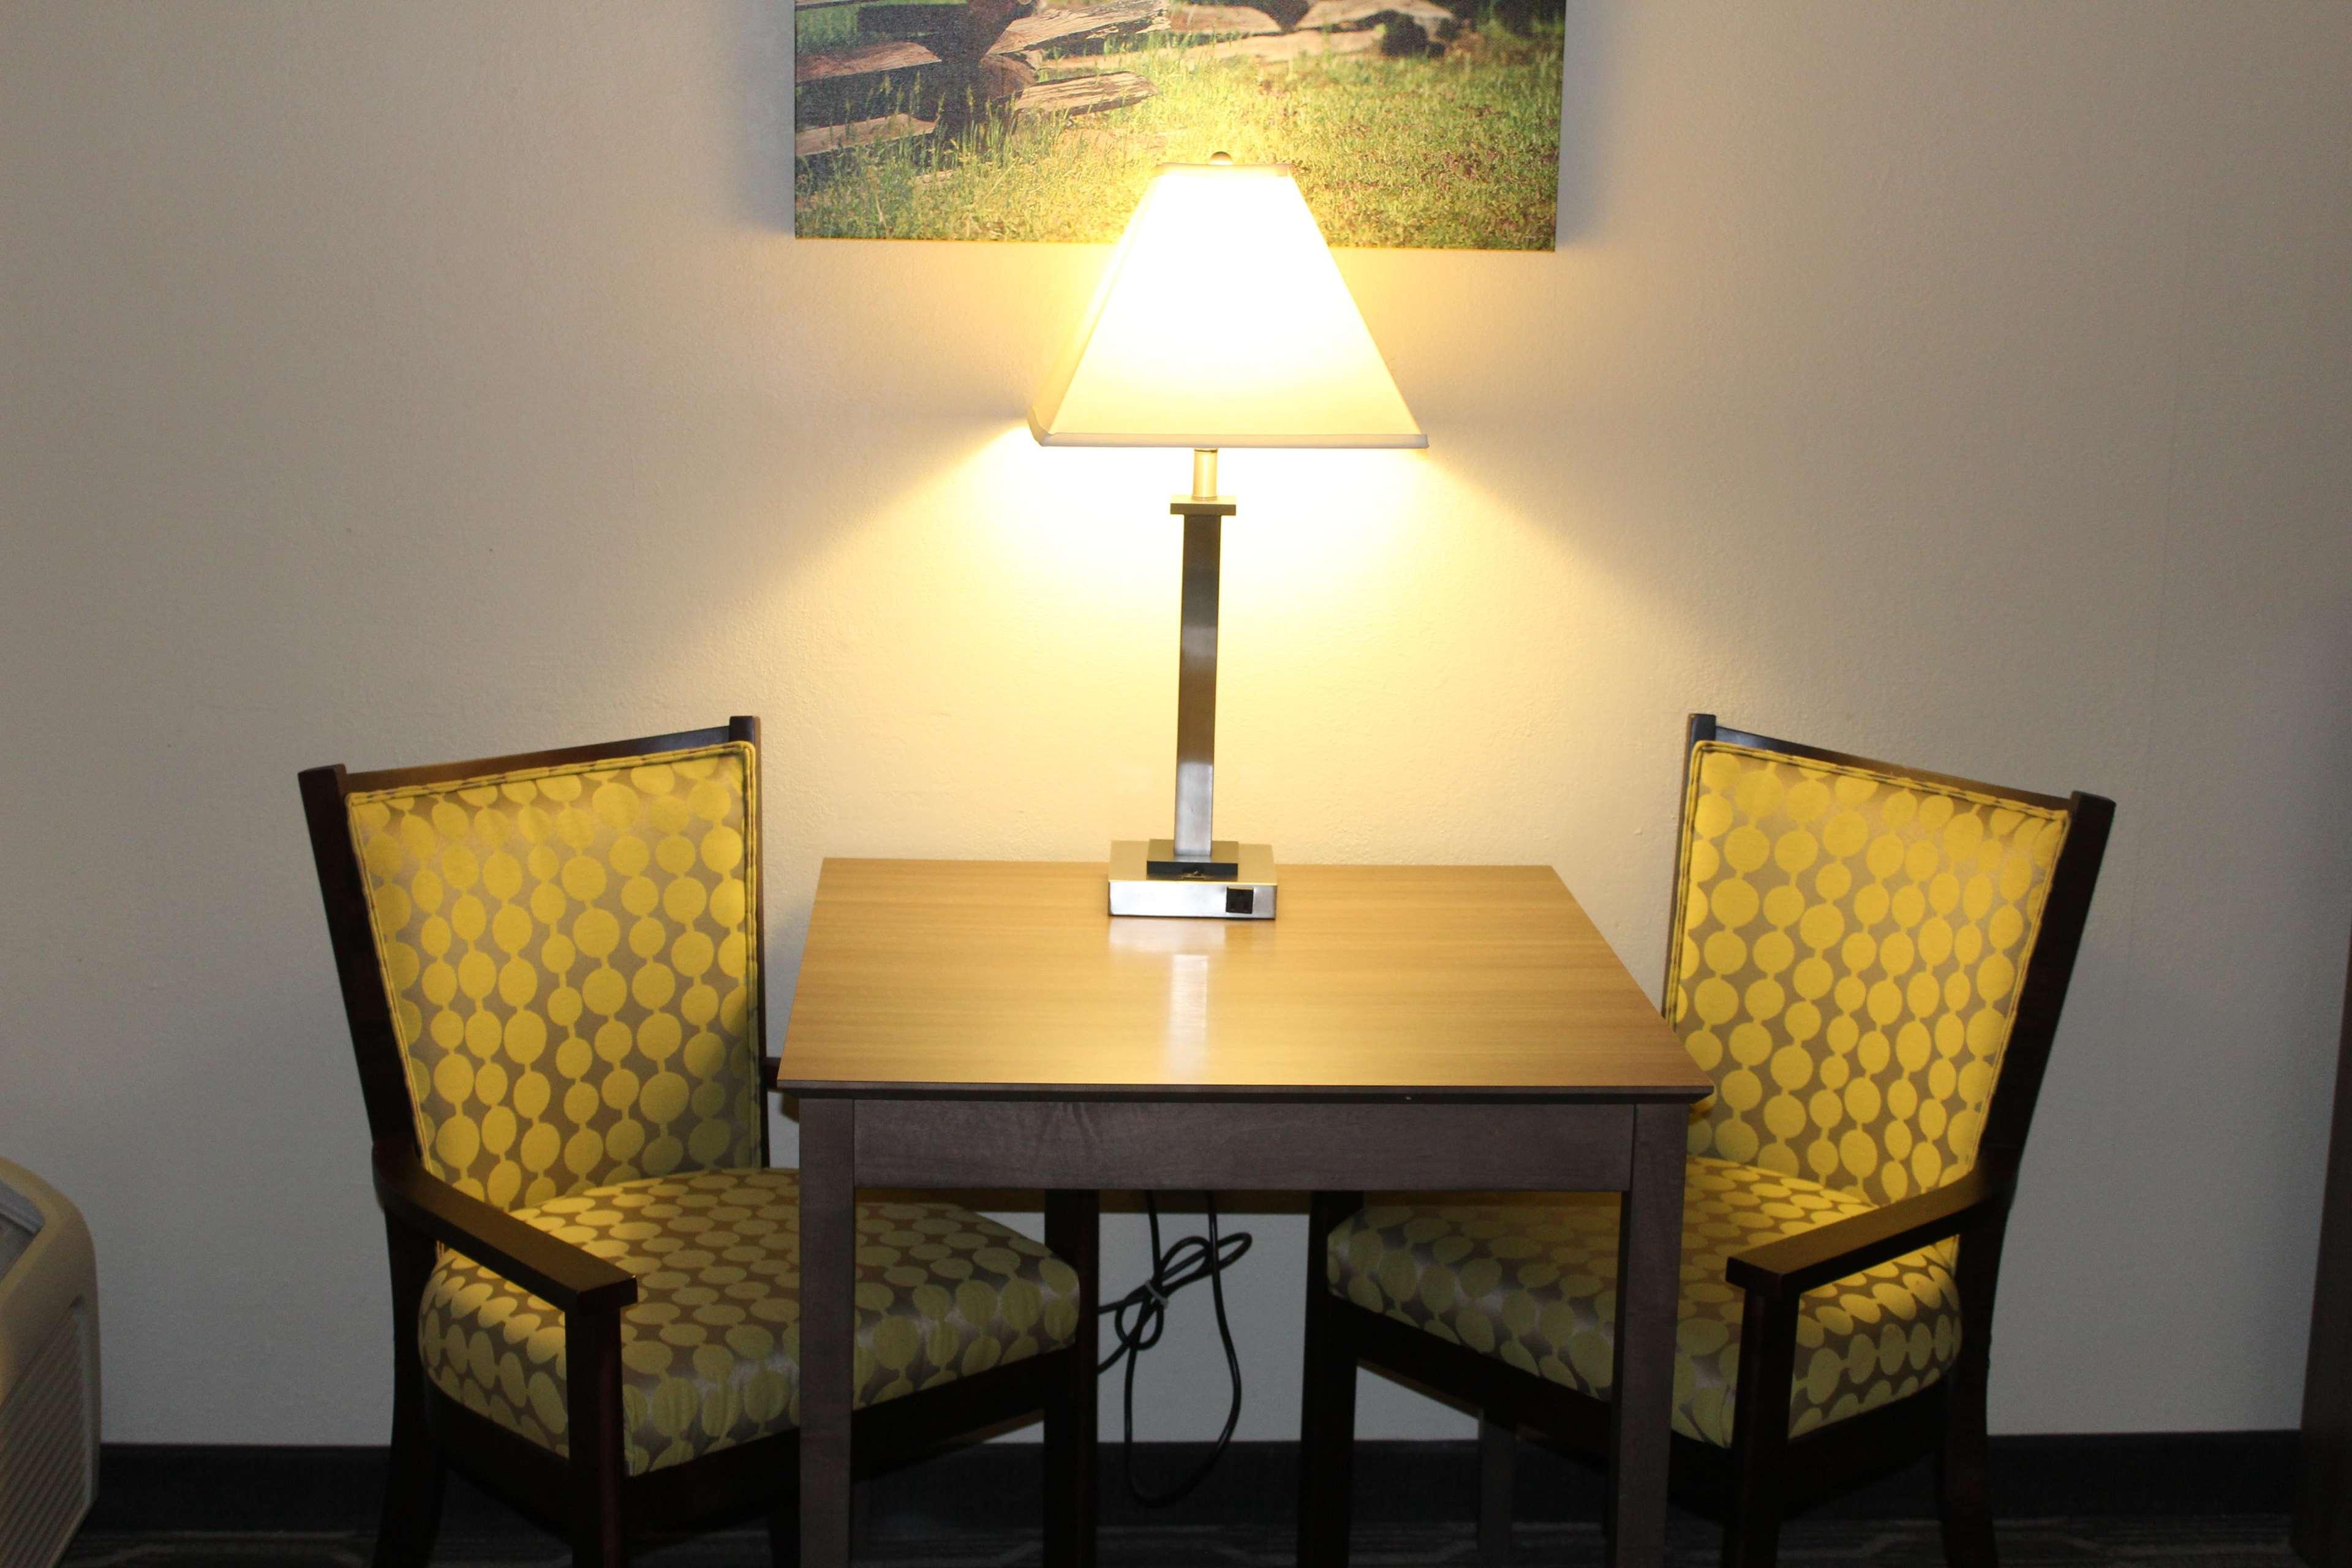 Best Western Plus Yadkin Valley Inn & Suites image 8